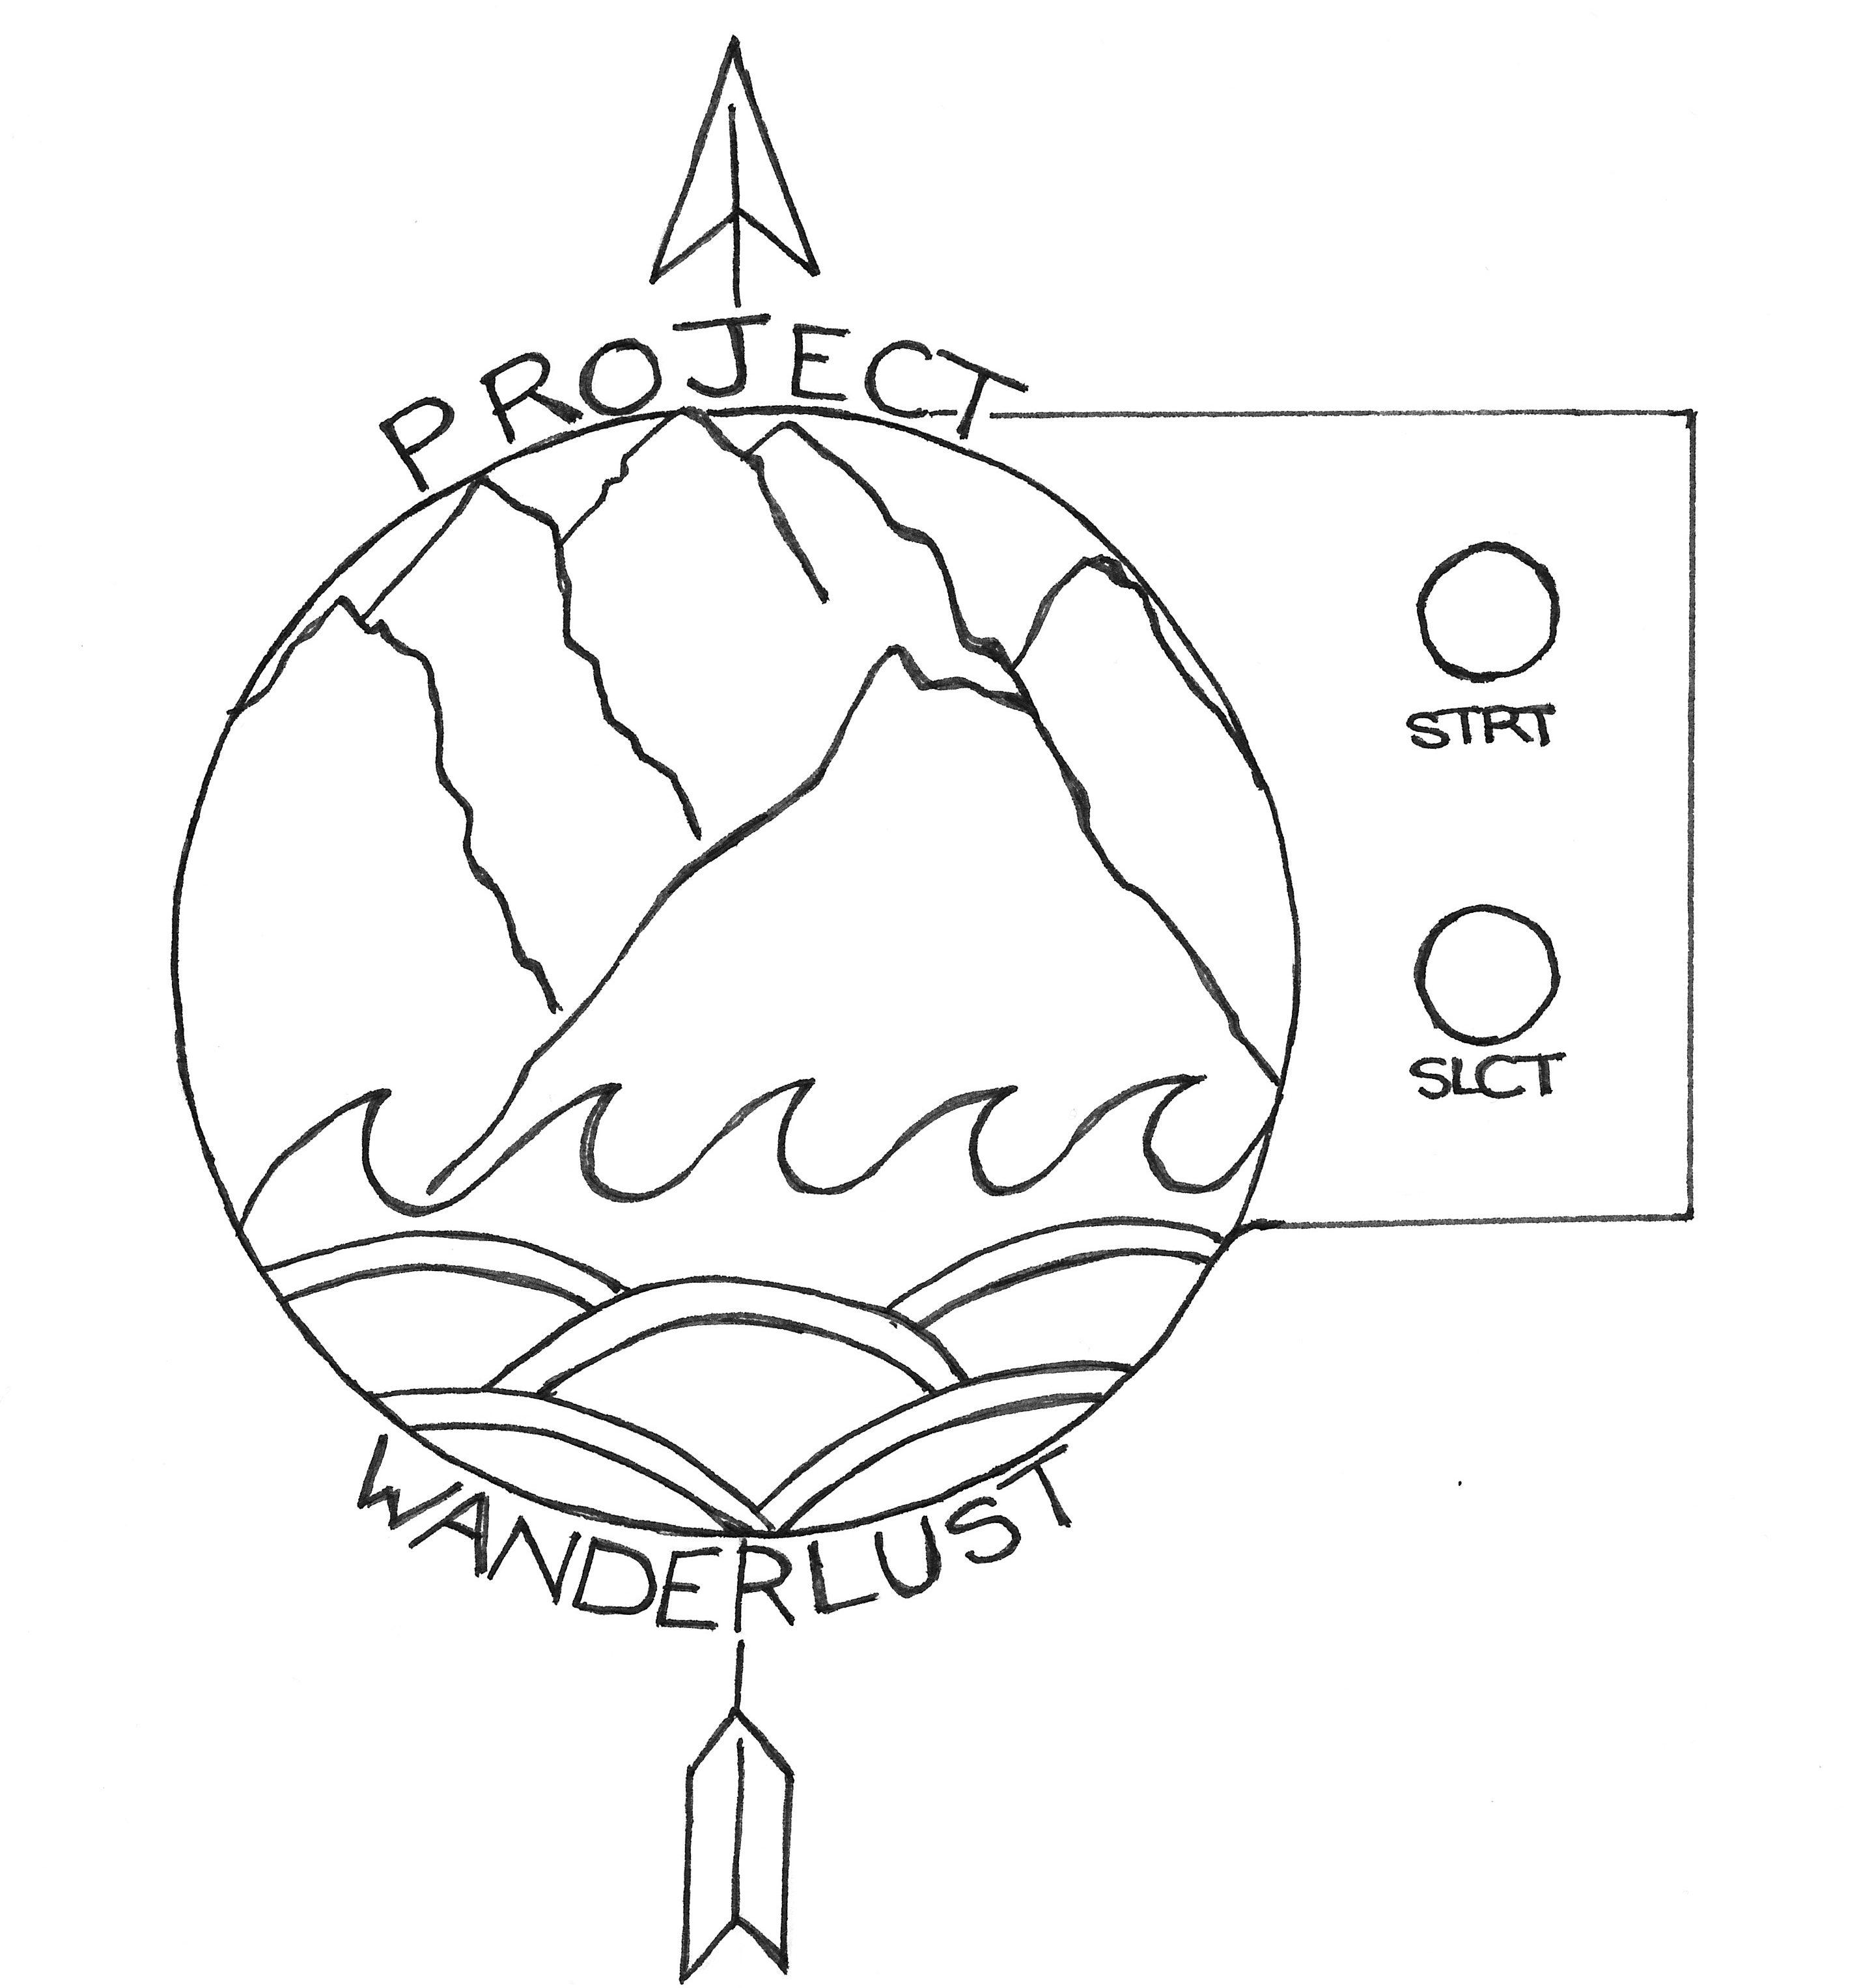 Project Wanderlust